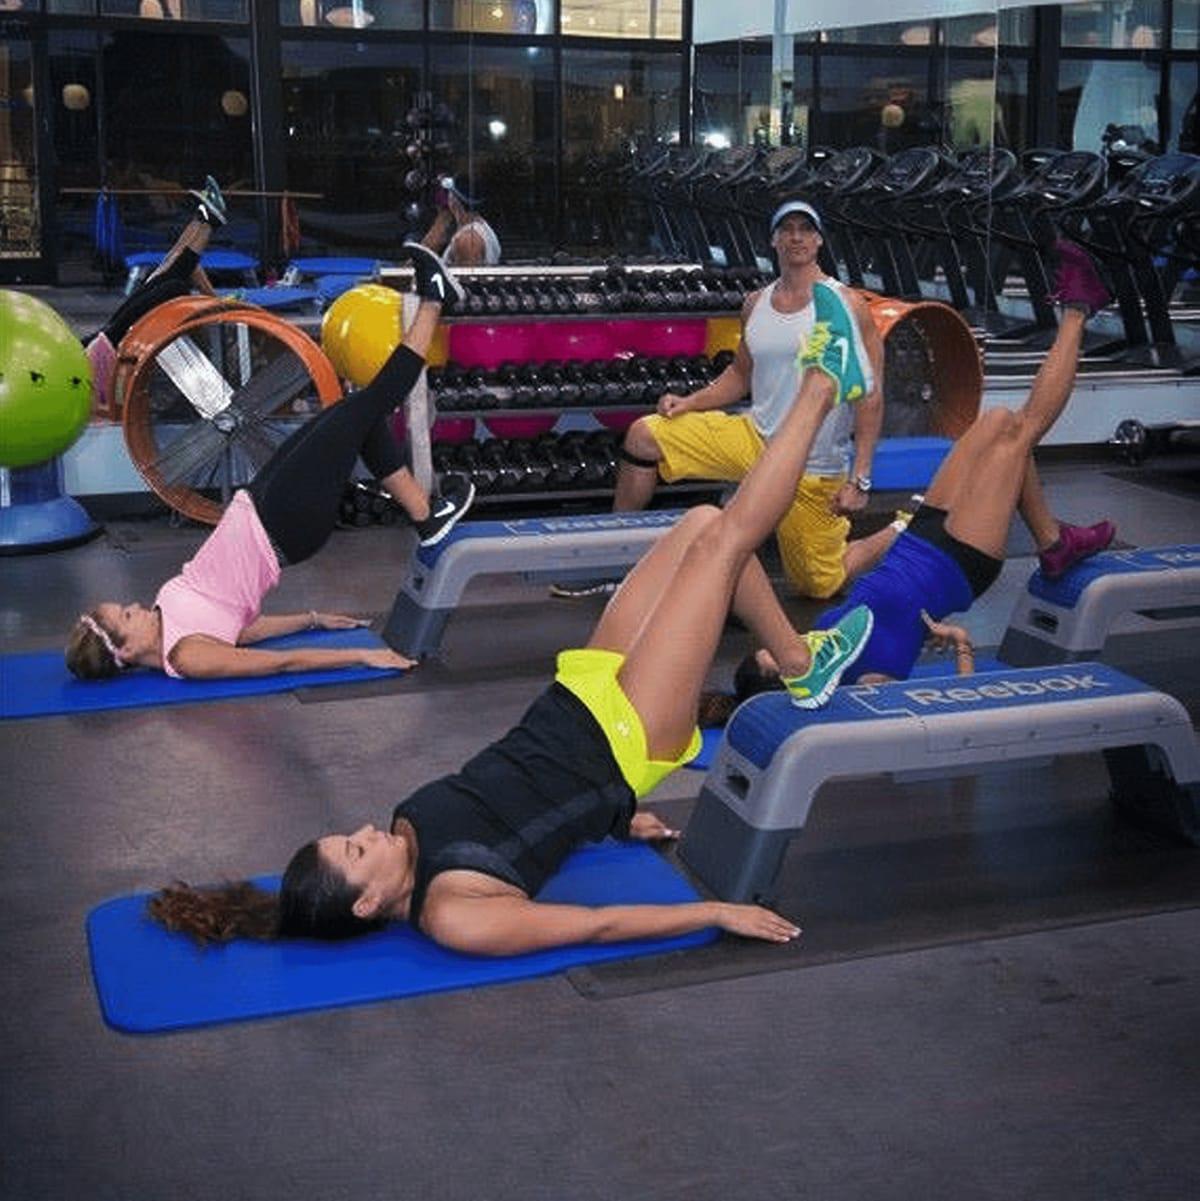 InCinR8 Fitness Studio in Dallas